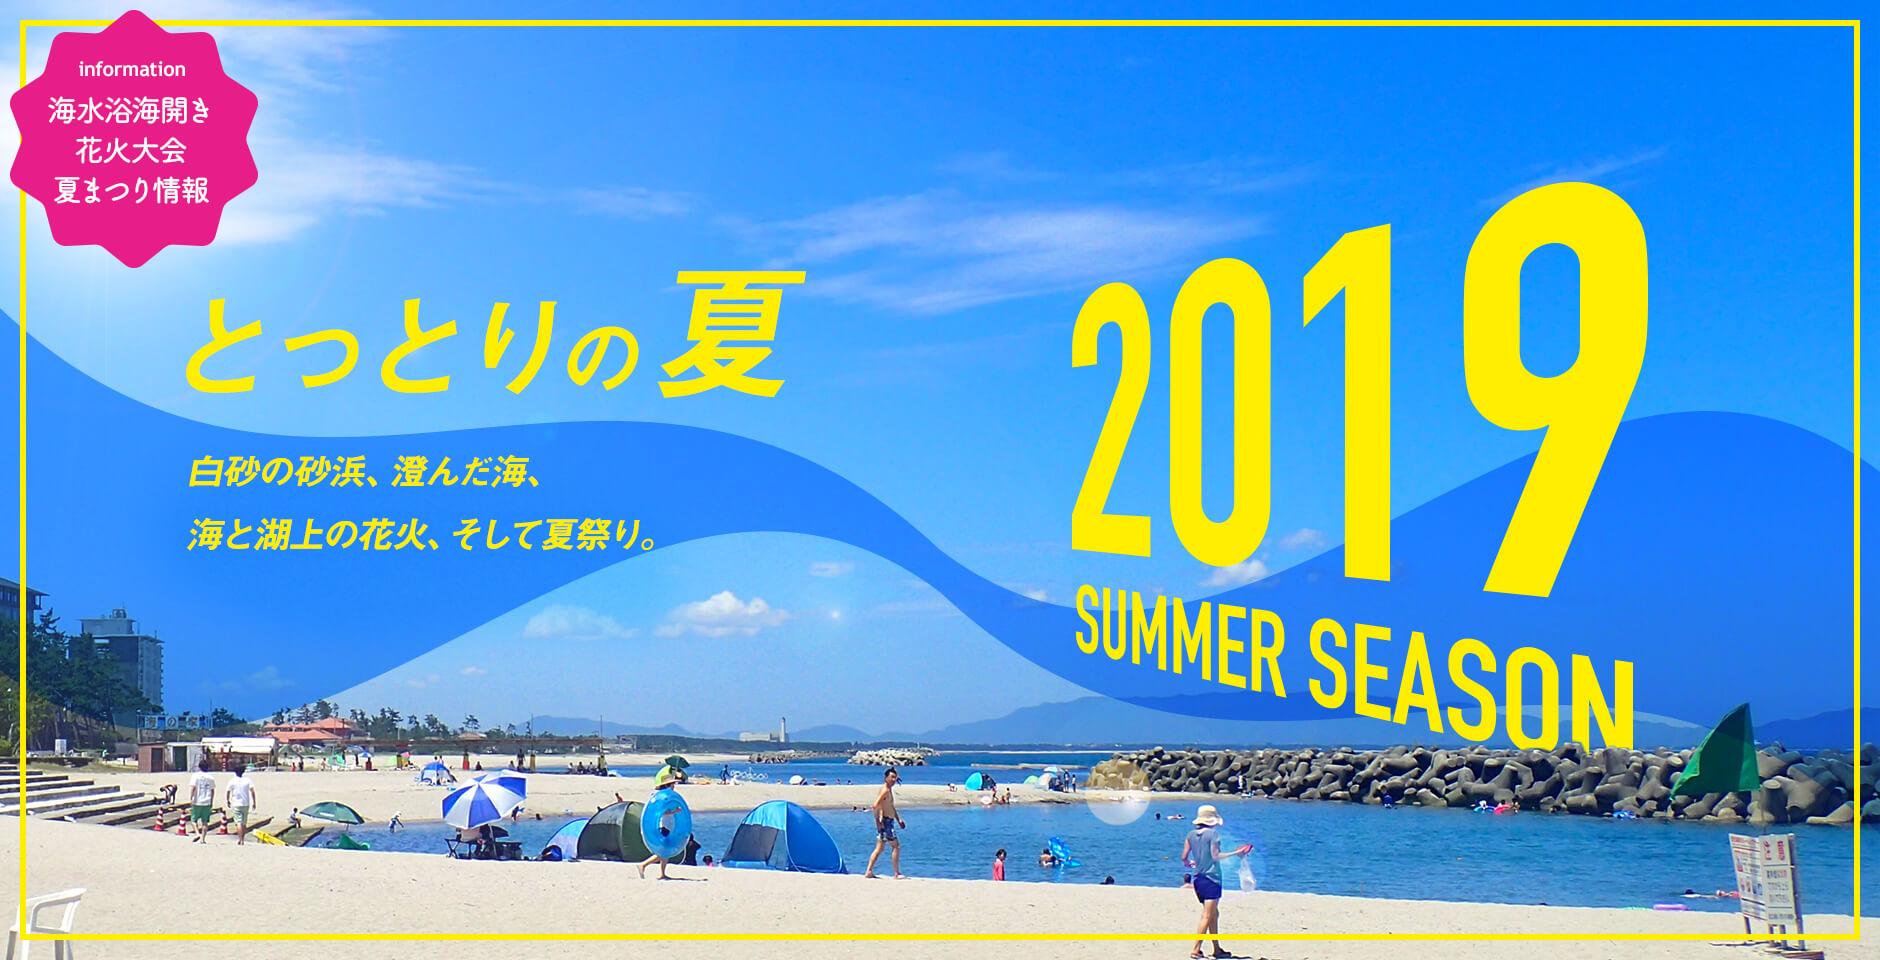 2019 サマーシーズン 鳥取県 夏休み とっとりの夏 海水浴海開き 花火大会 夏まつり